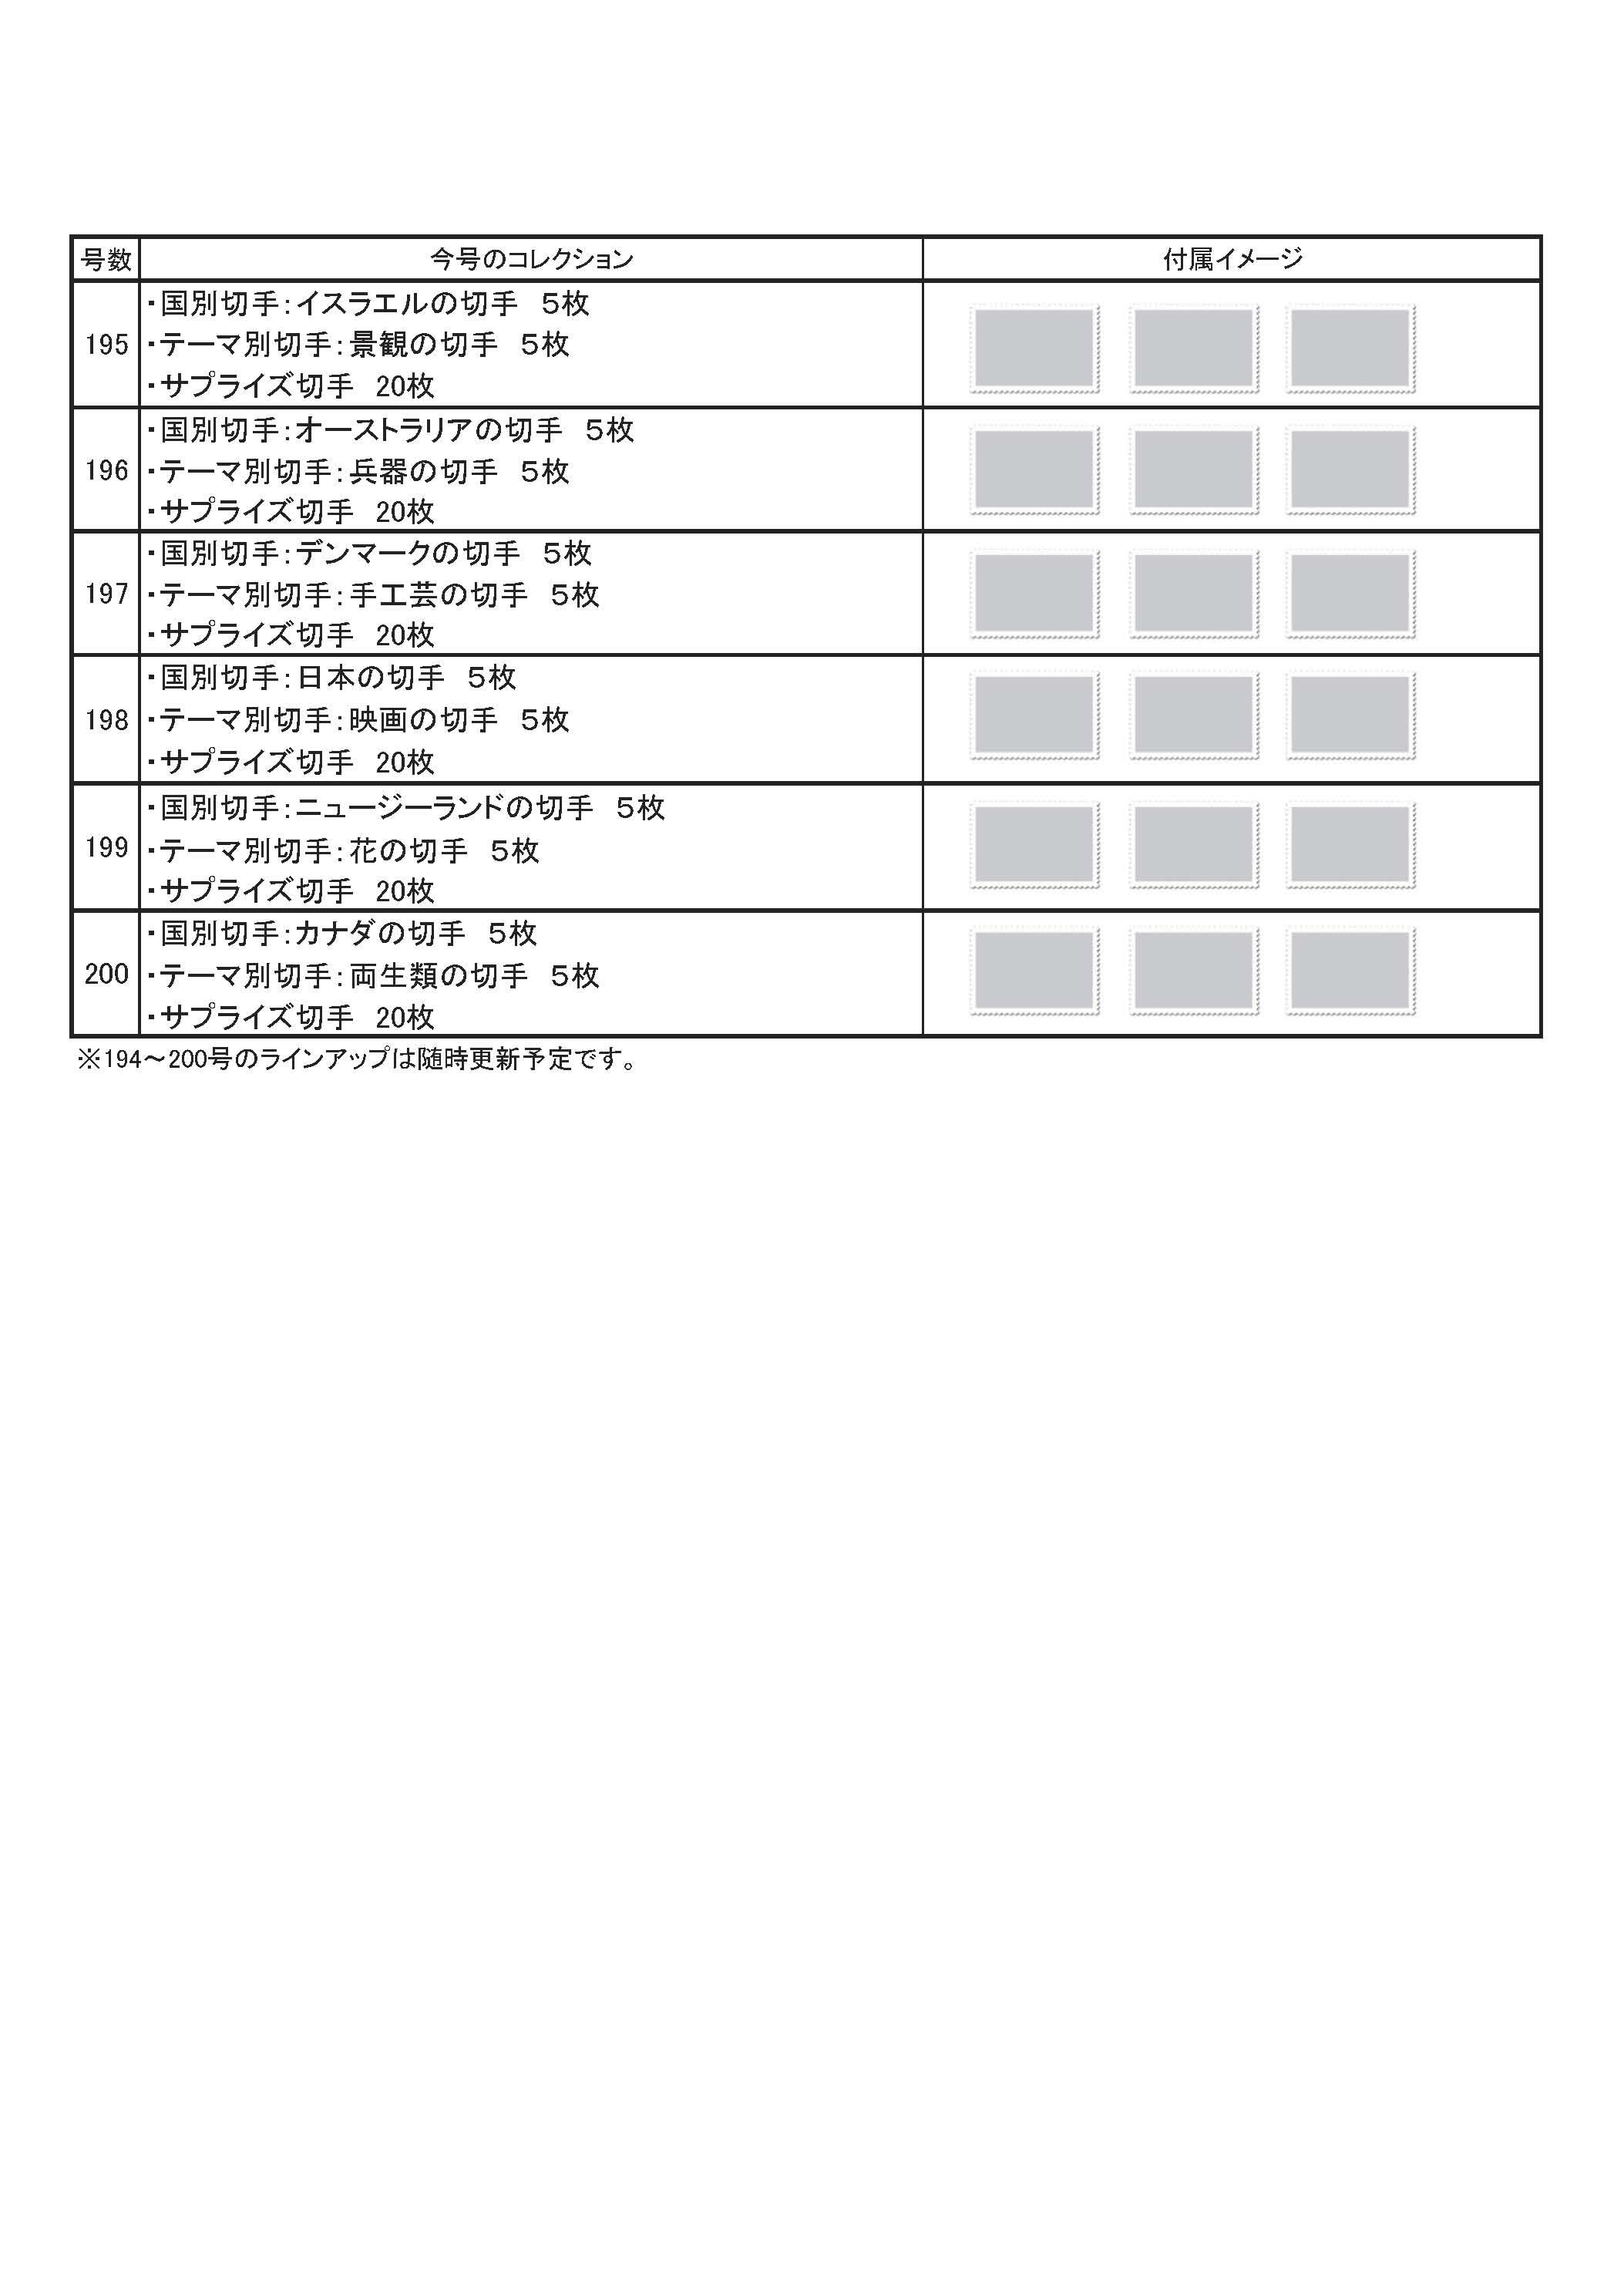 付属切手ラインナップ_20180302_ページ_14.jpg